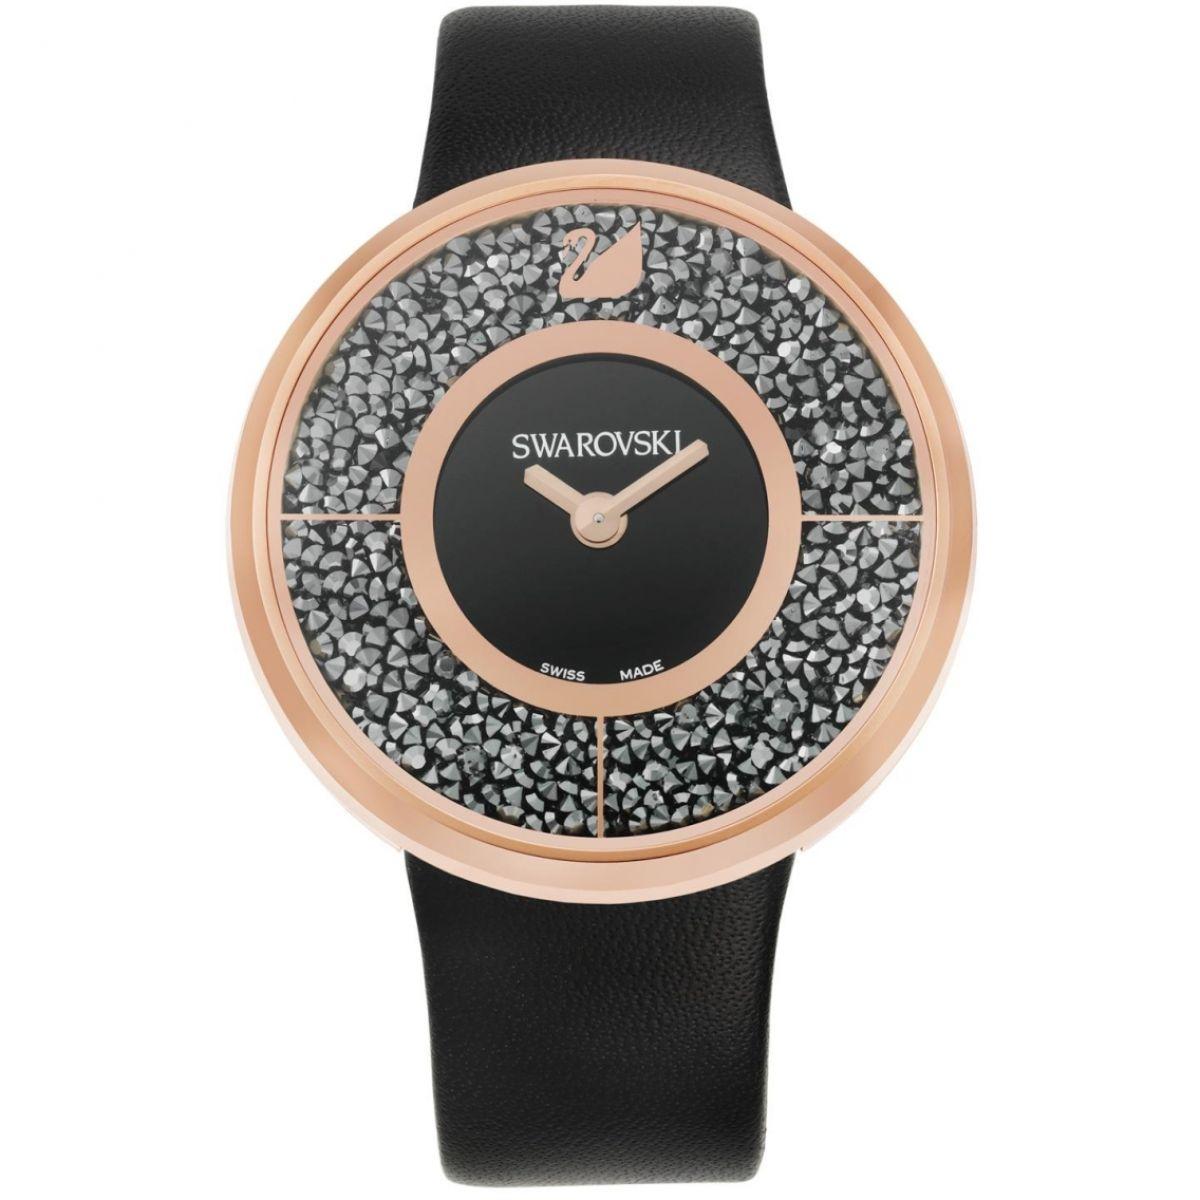 Γυναικεια Κοσμηματα Swarovski Crystalline 5045371 ΡΟΛΟΓΙΑ 0be01fc9ce3